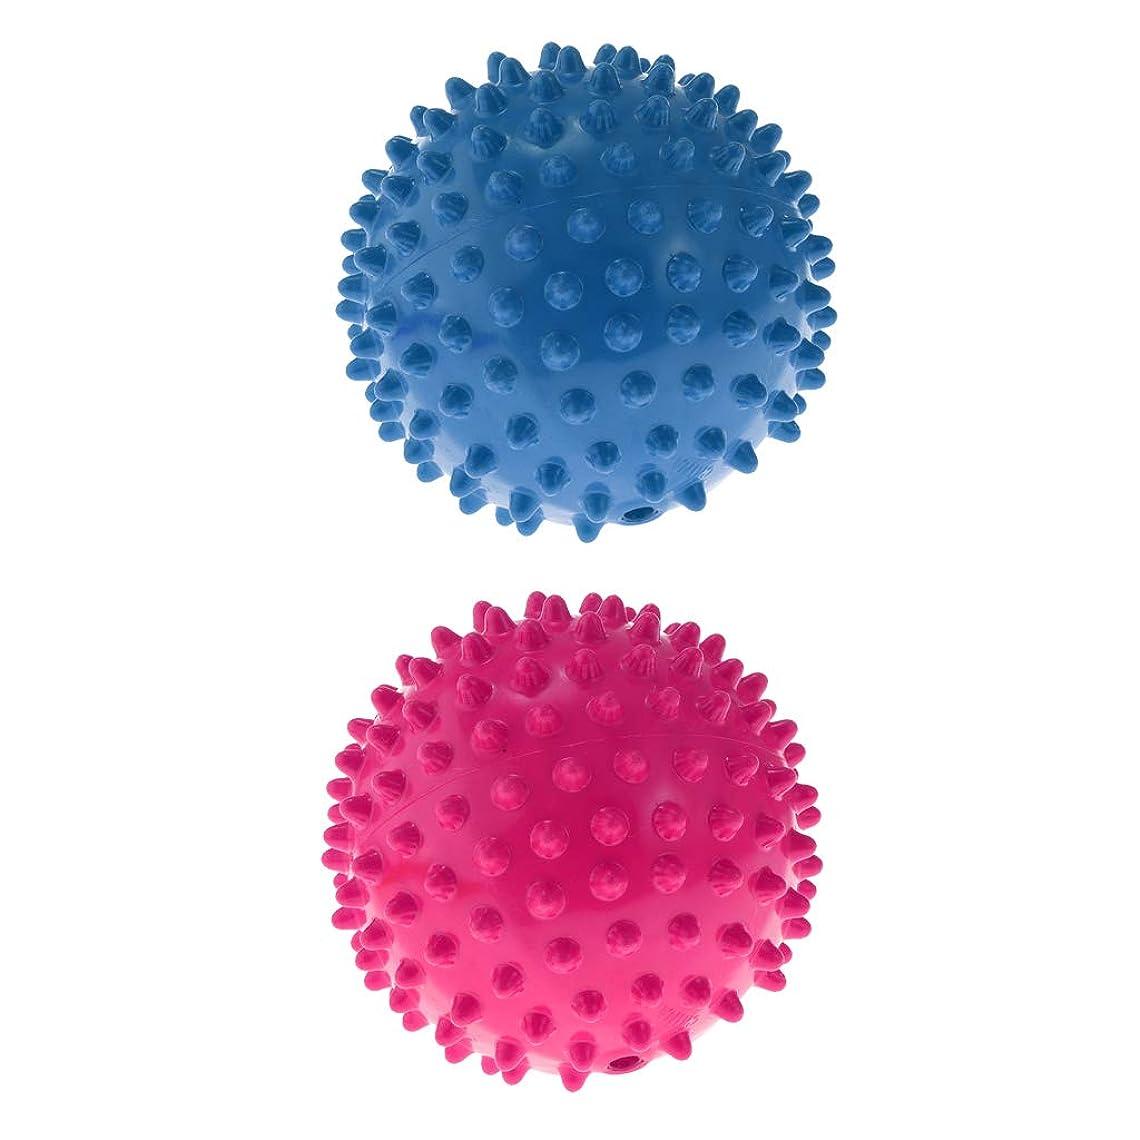 通信する展示会リスキーなCUTICATE 指圧マッサージボール ローラーボール マッサージローラー トリガーポイント 疲労軽減 痛み緩和